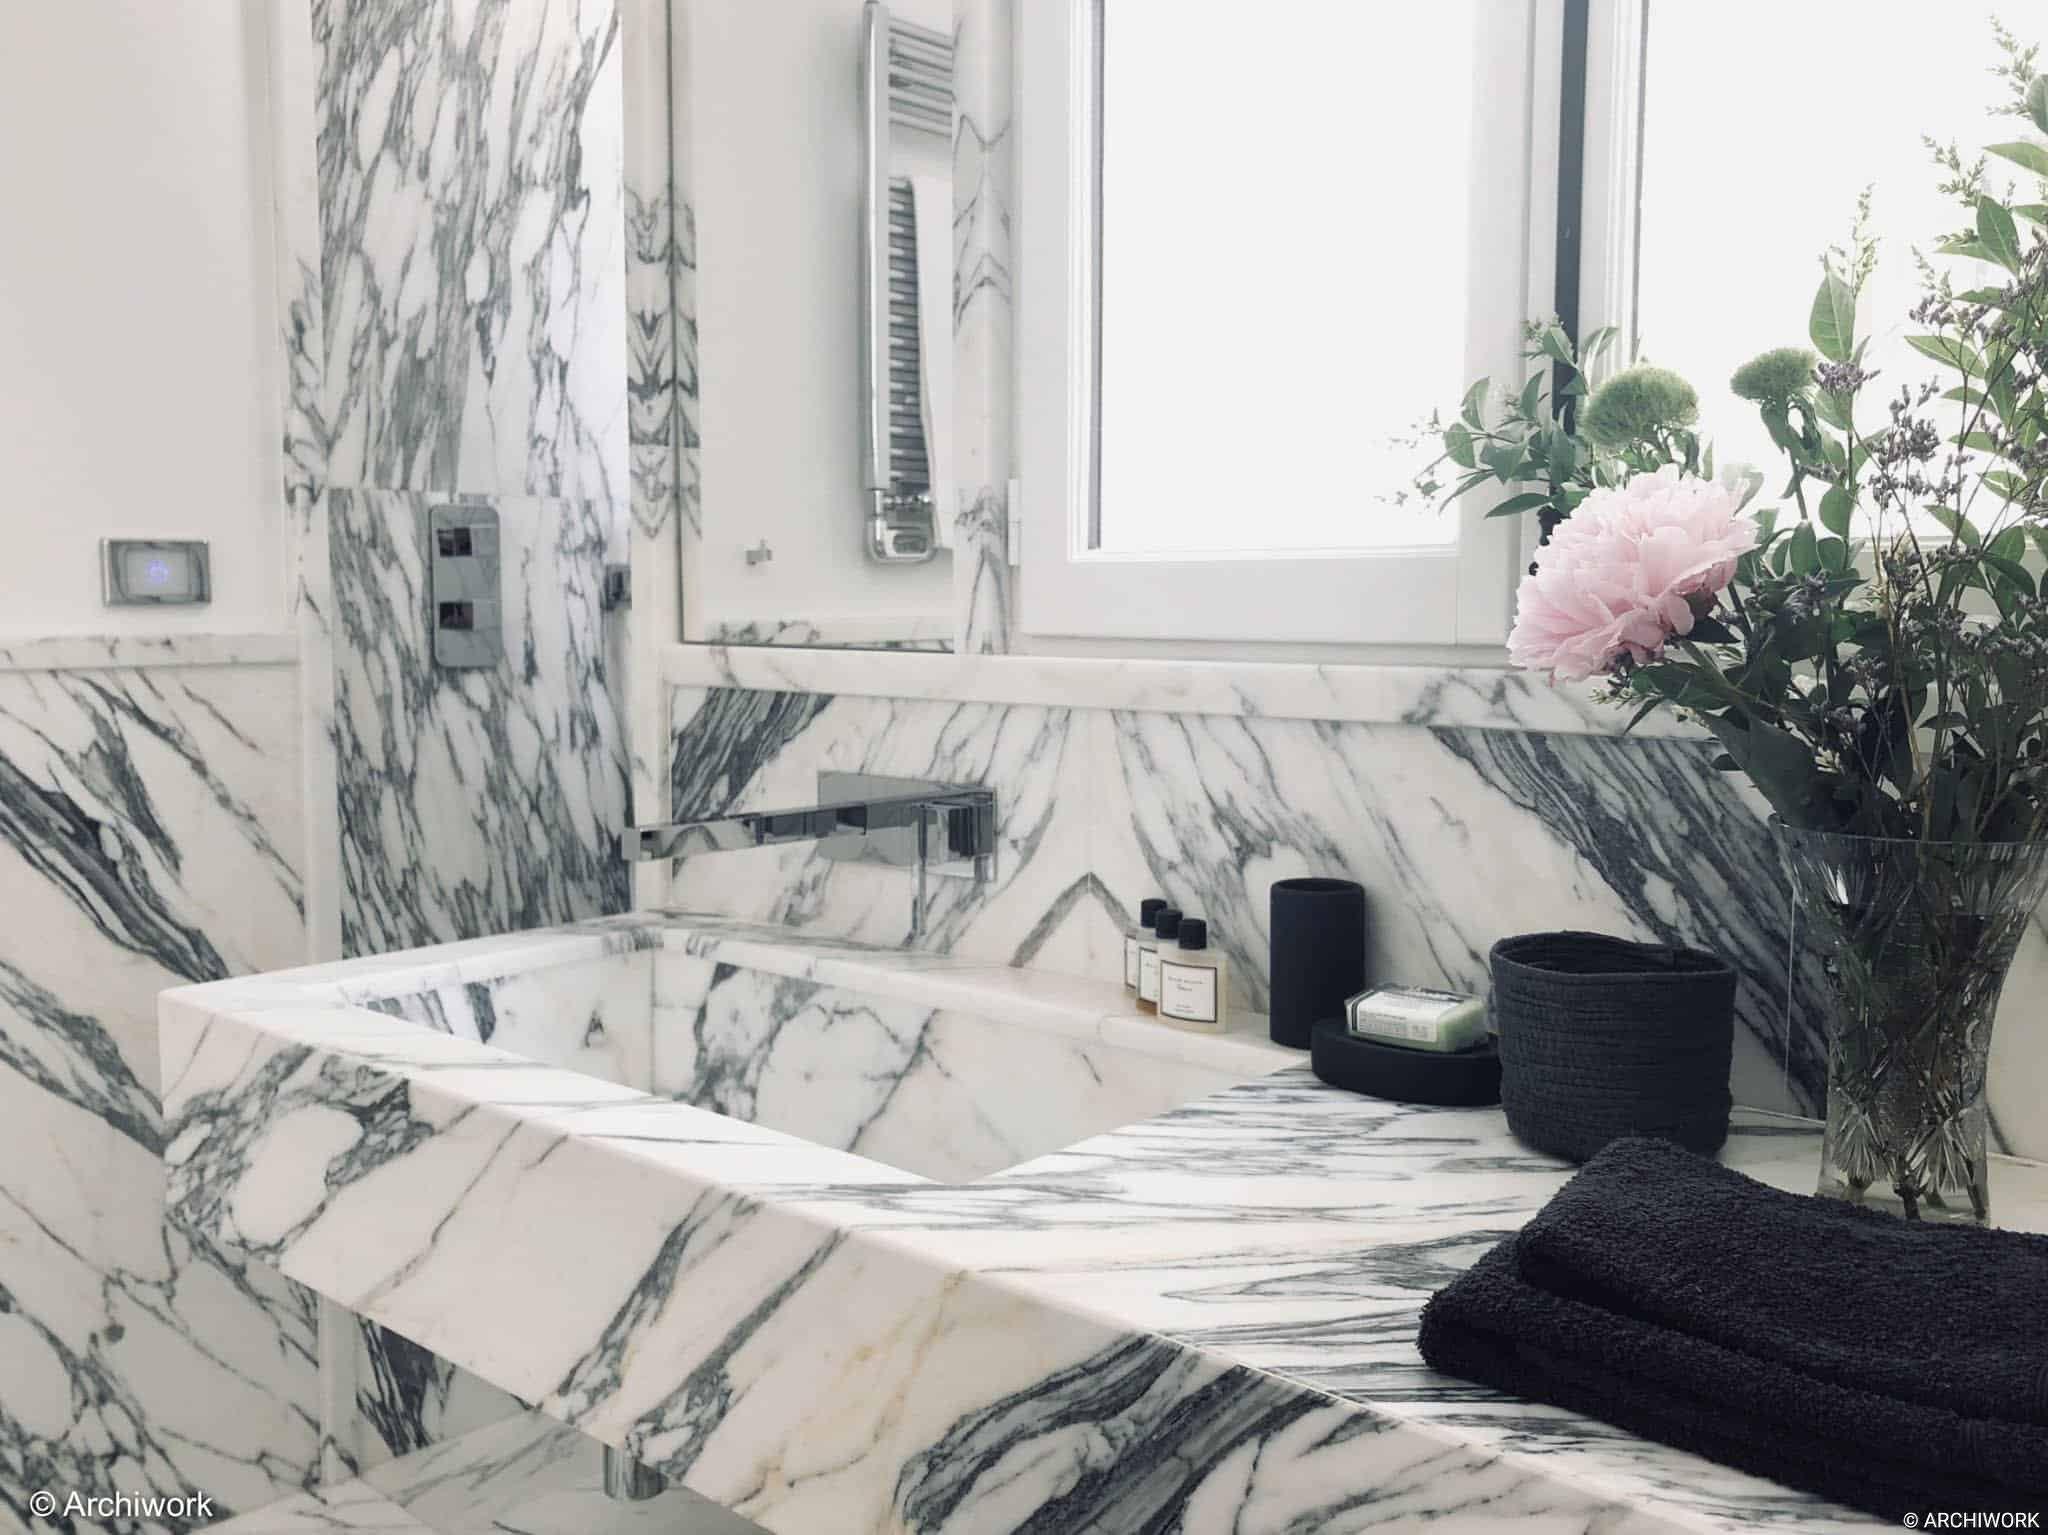 archiwrok aménagement sur mesure salle de bain marbre